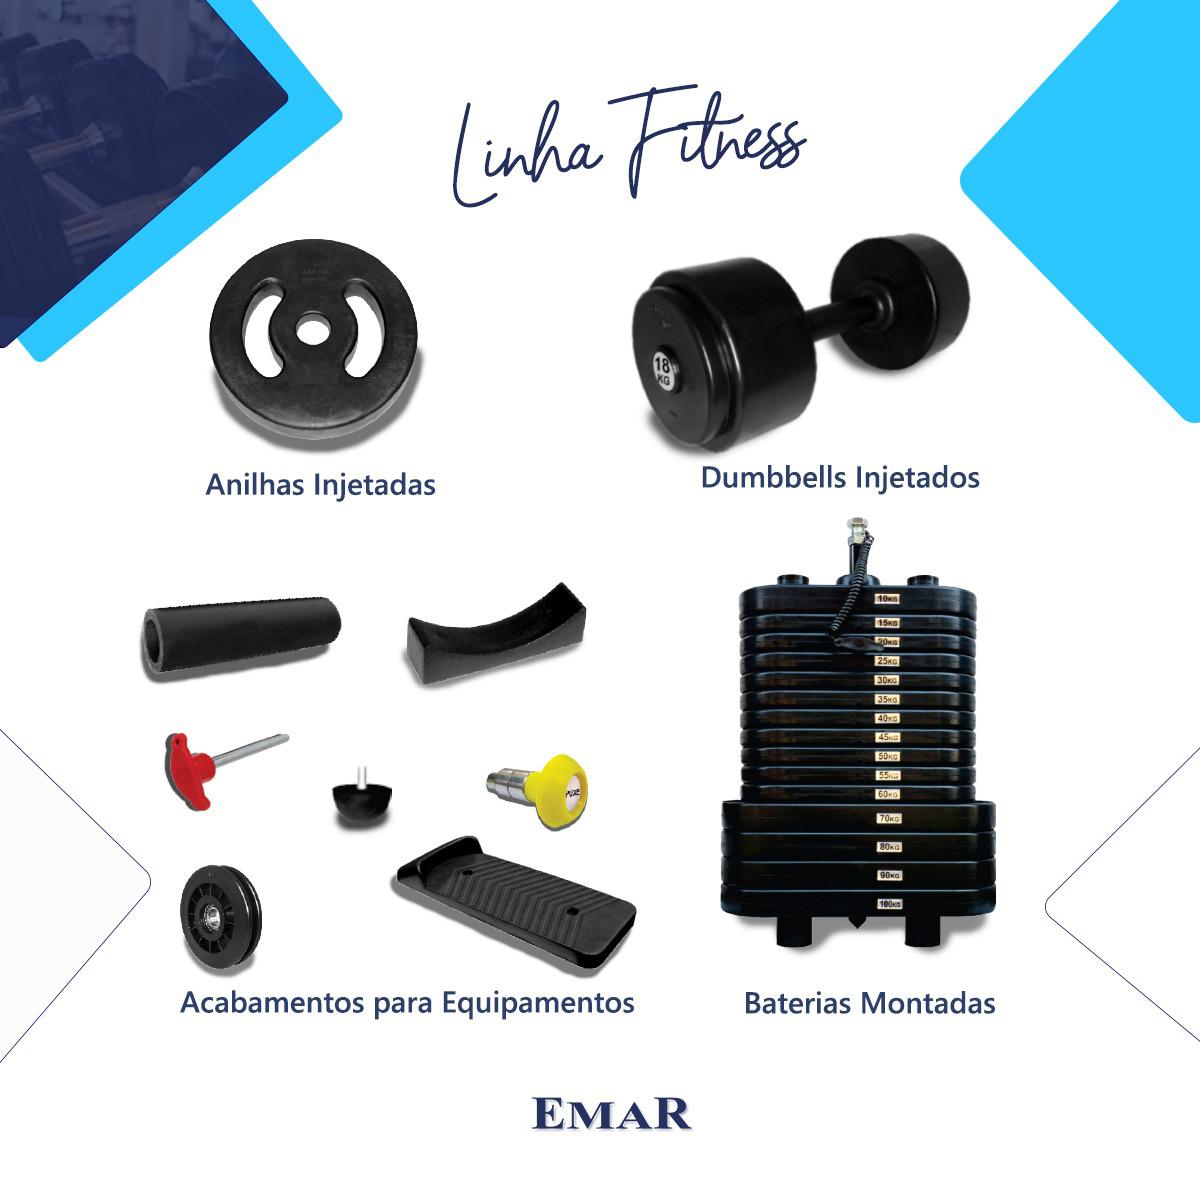 """Kit com 2 Anilhas Injetadas de 3 kg cada - Furo Standard 1.1/8"""" Revestidas com Grossa Camada de PVC"""